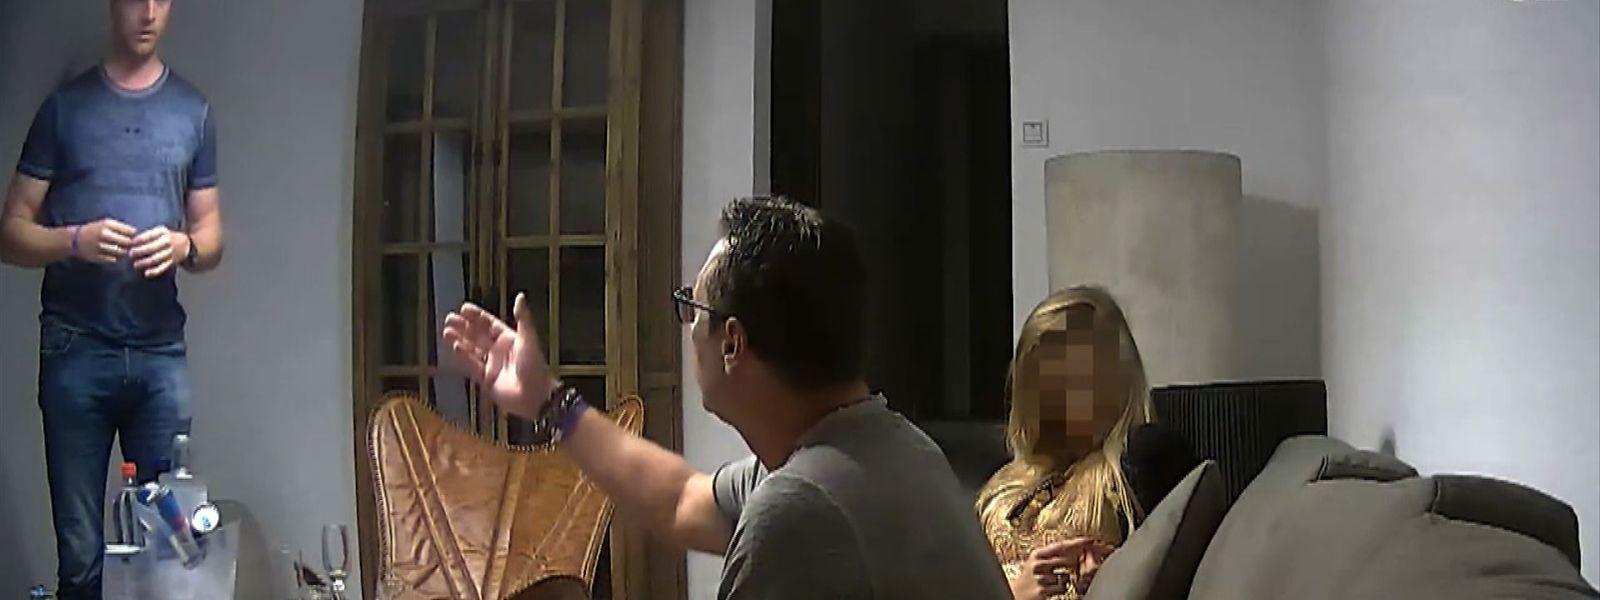 Christian Strache von der rechten FPÖ legte sein Amt nach Veröffentlichung des verdeckt aufgenommenen Videos nieder.